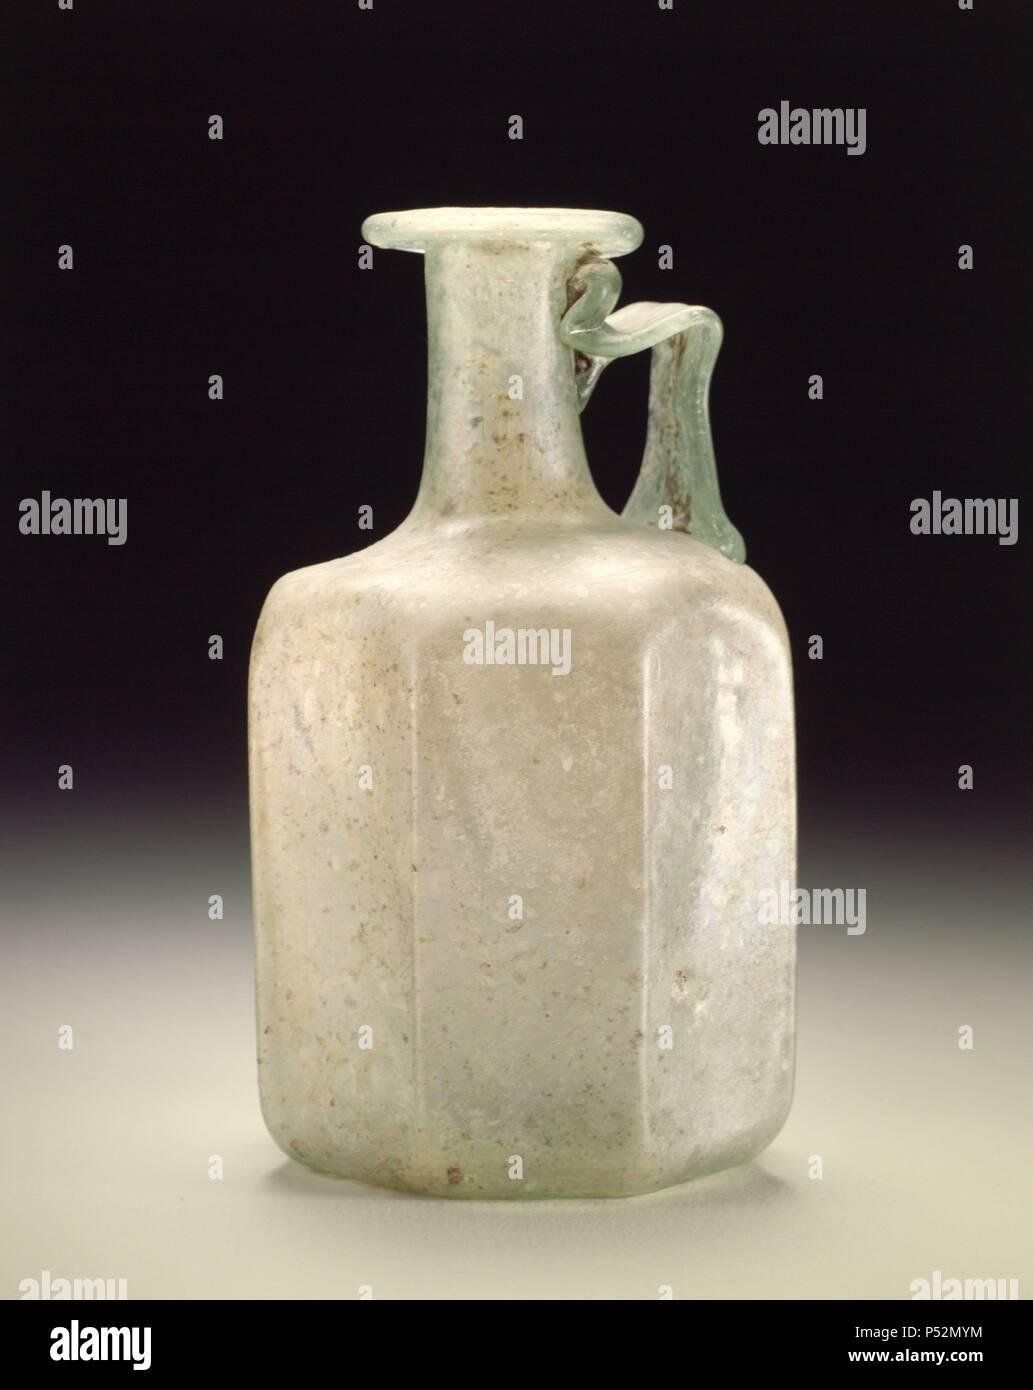 Madrid, M.A.N. Arte romano. Botellín cuadrado de vetro. Realizado con la técnica del vetro soplado, adquirida en Oriente Medio, en el s.I a.c. Immagini Stock